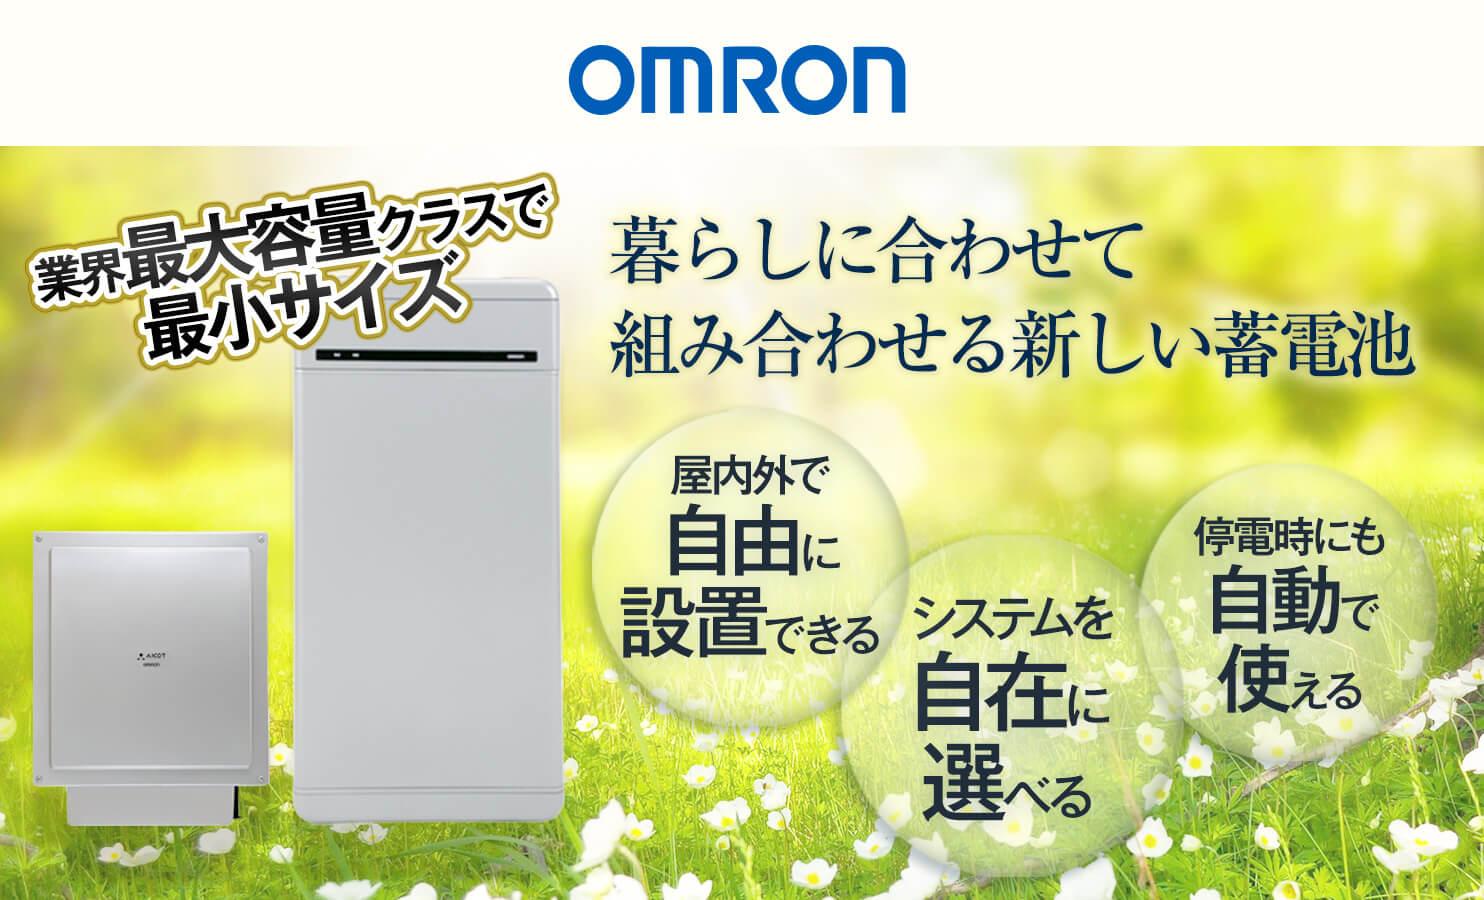 オムロン16.4kWhマルチ蓄電プラットフォーム